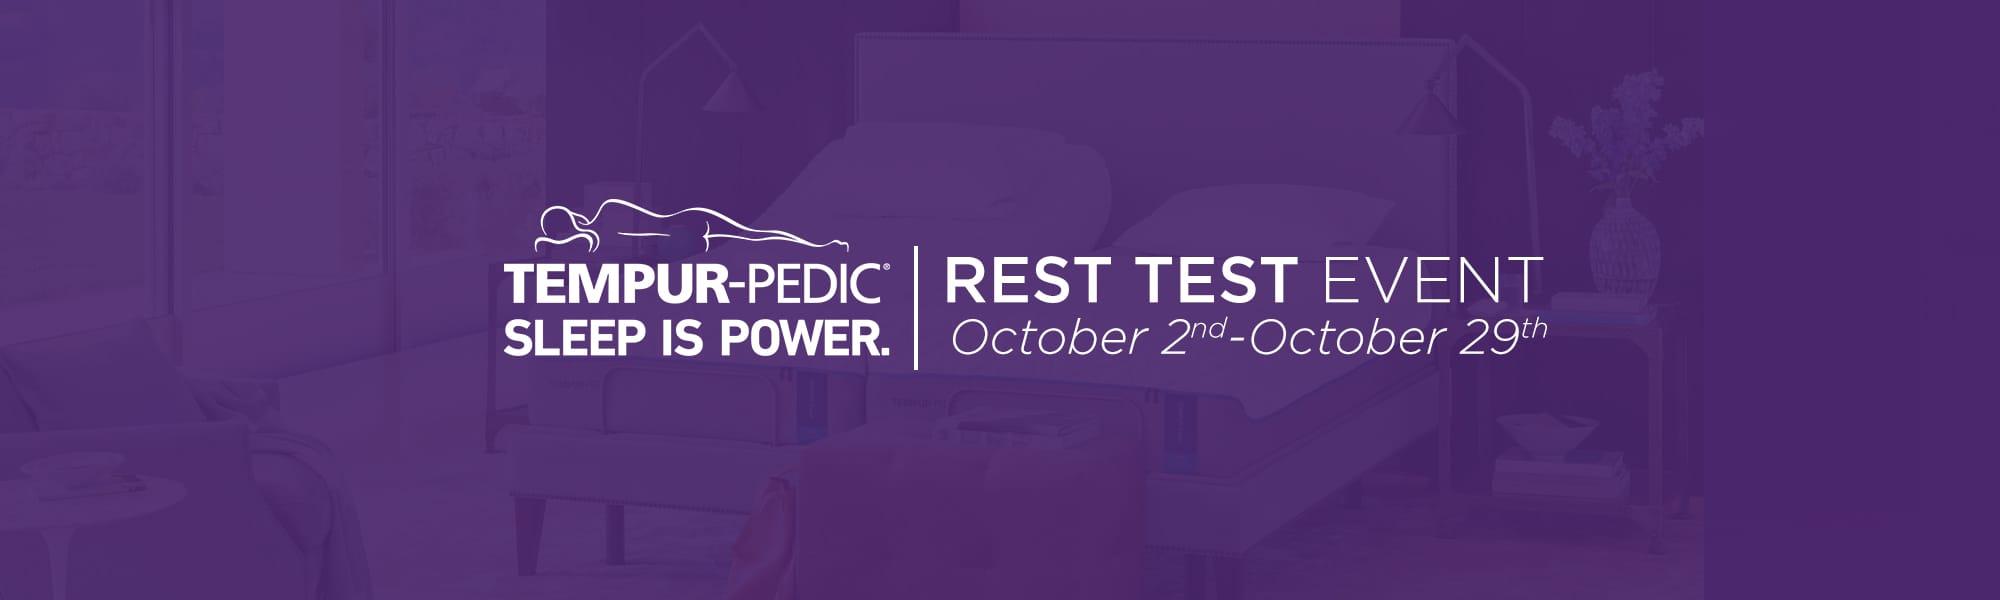 rest test tempur pedic